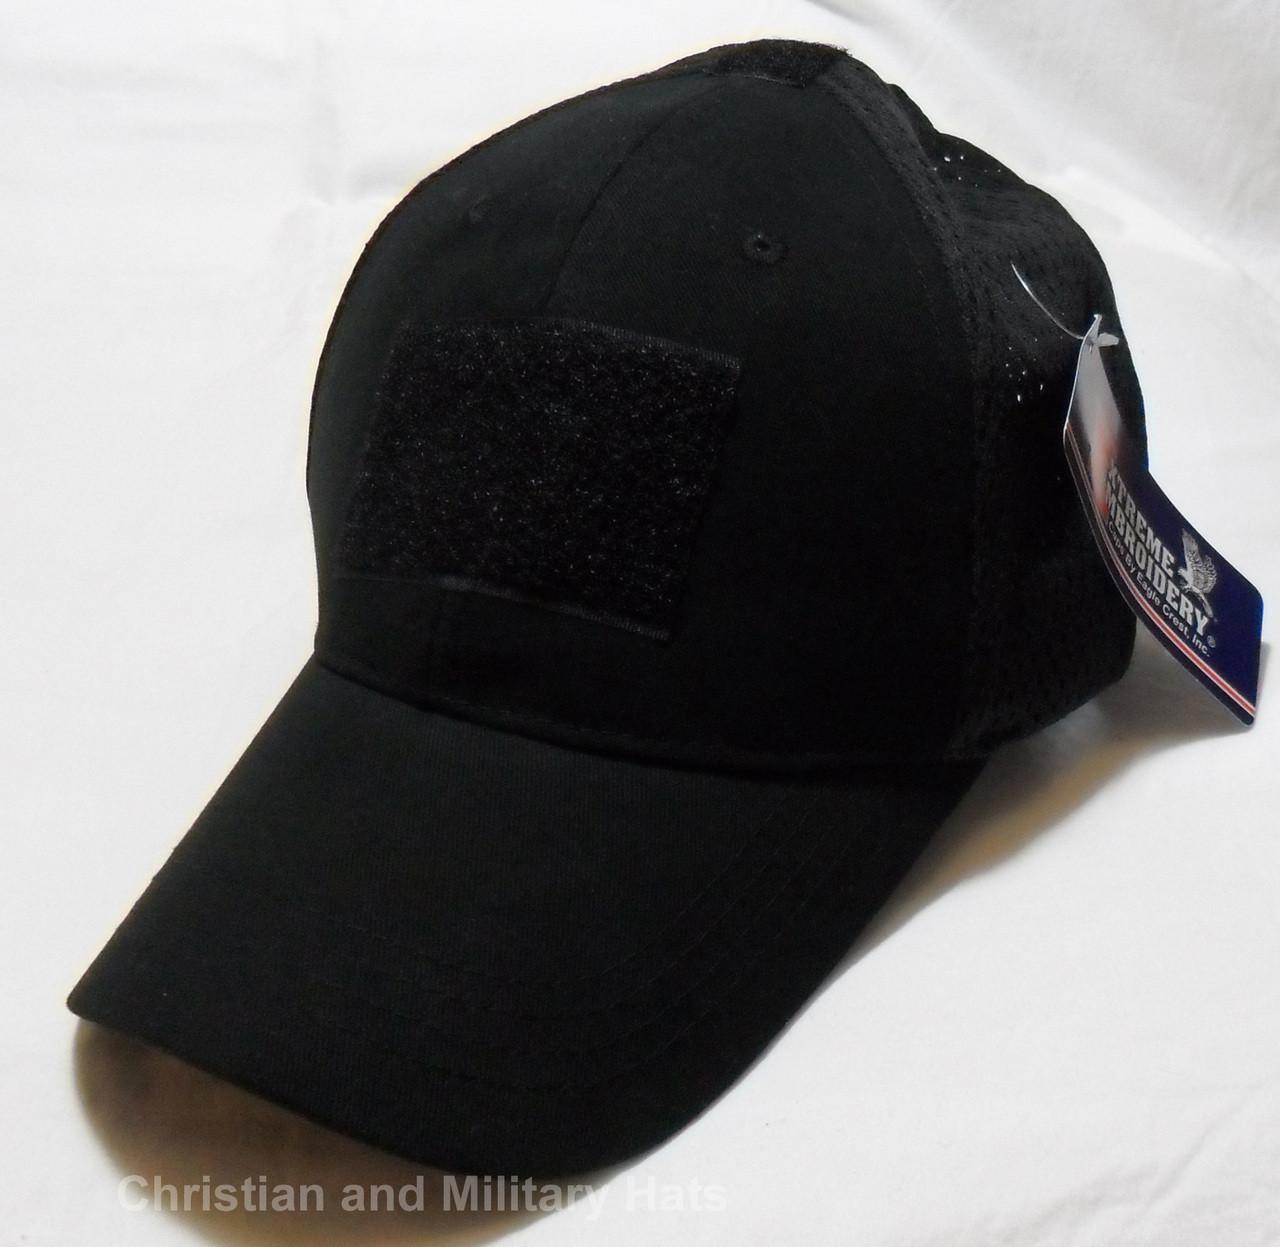 825e64ab3d4 Black Tactical Operator Mesh Adjustable Fit Baseball Hat Cap